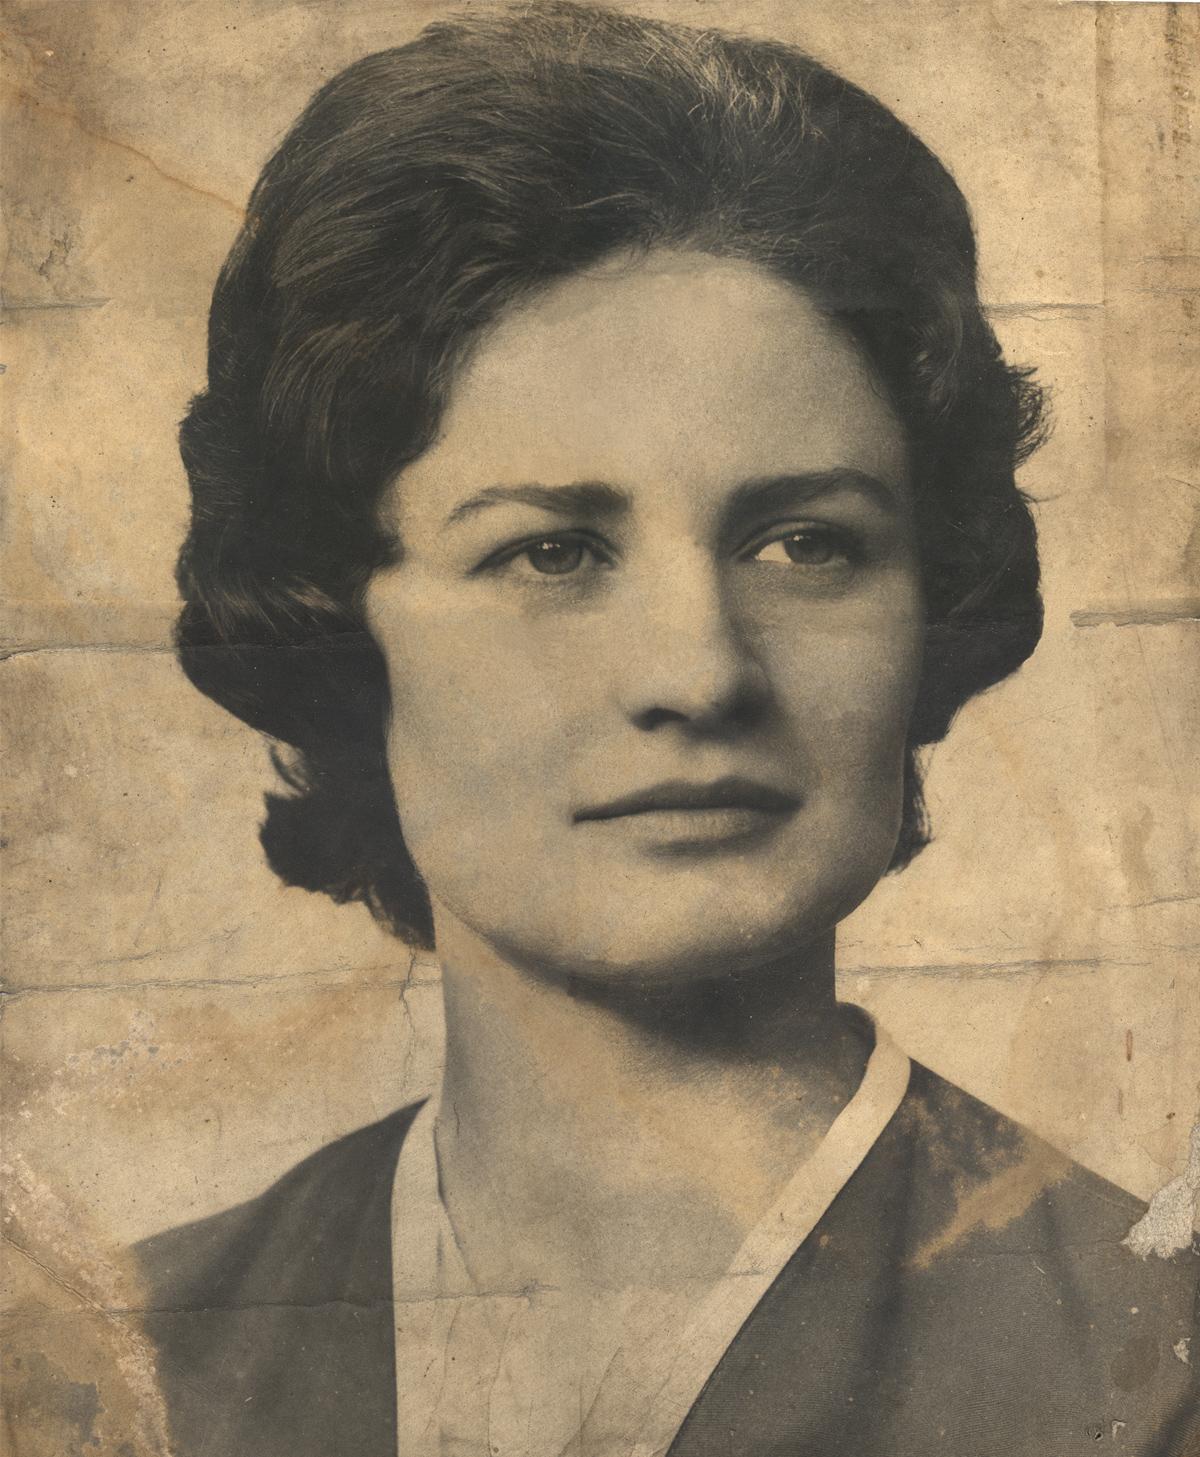 Mum Original Image